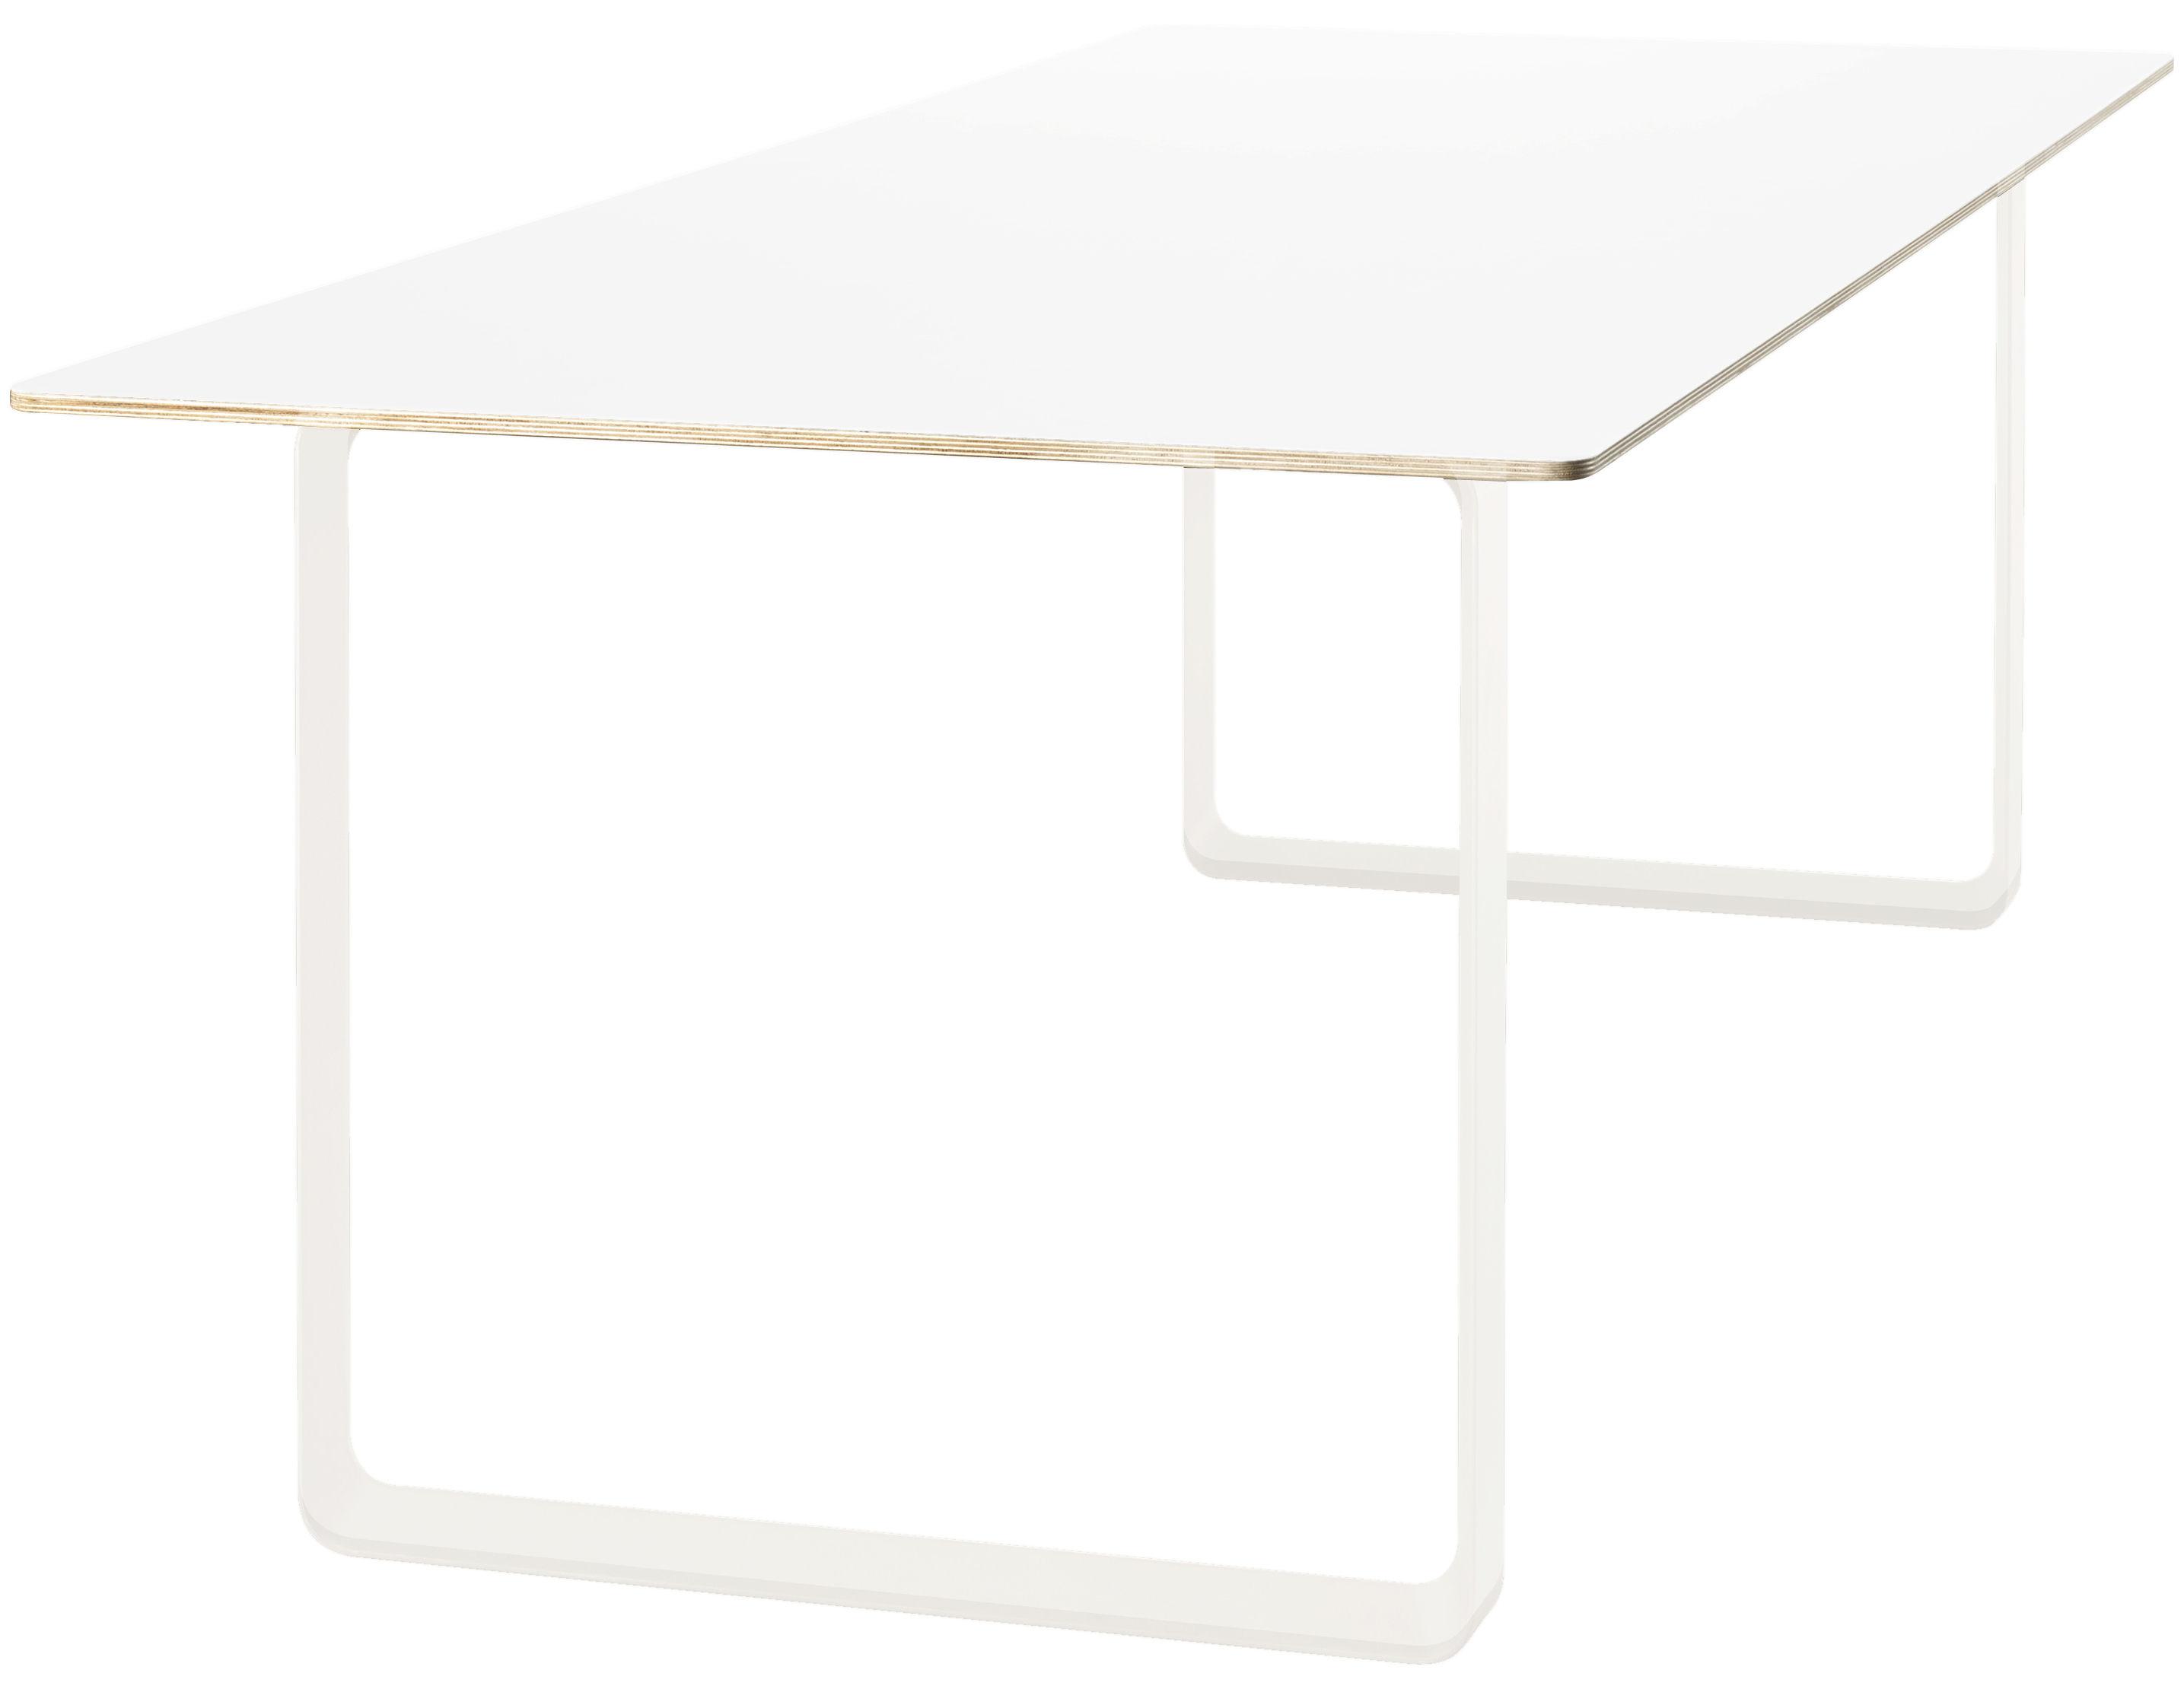 Möbel - Tische - 70-70 rechteckiger Tisch - L 225 cm - Muuto - Weiß - Aluminium, Furnier, Melamin